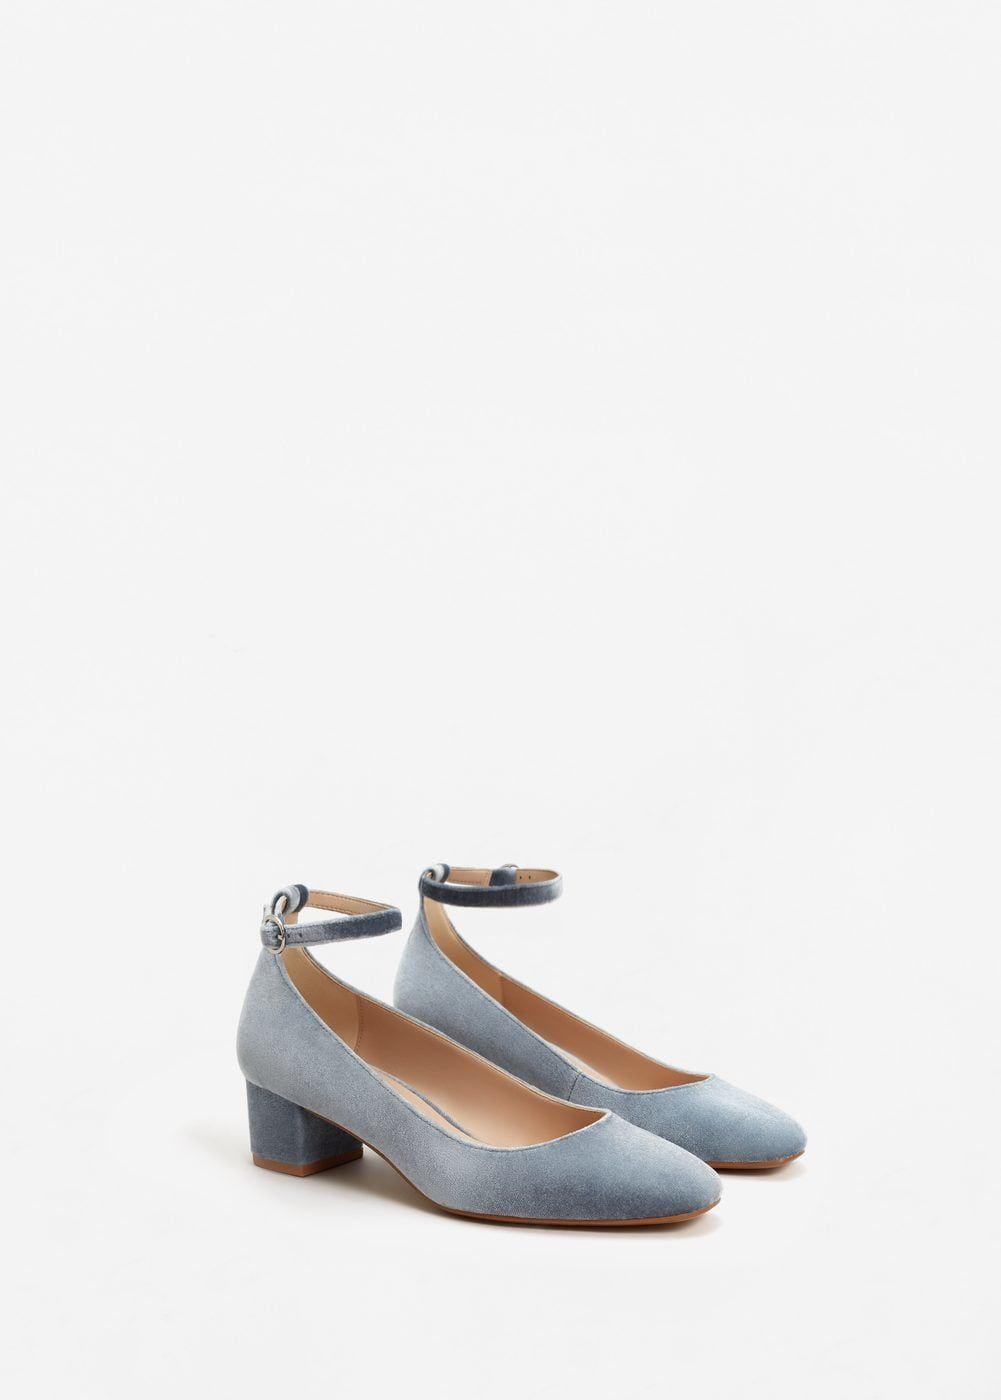 Buty Z Aksamitu Z Paskiem Wokol Kostki Kobieta Mango Polska Gorgeous Shoes Ankle Strap Shoes Shoe Inspiration